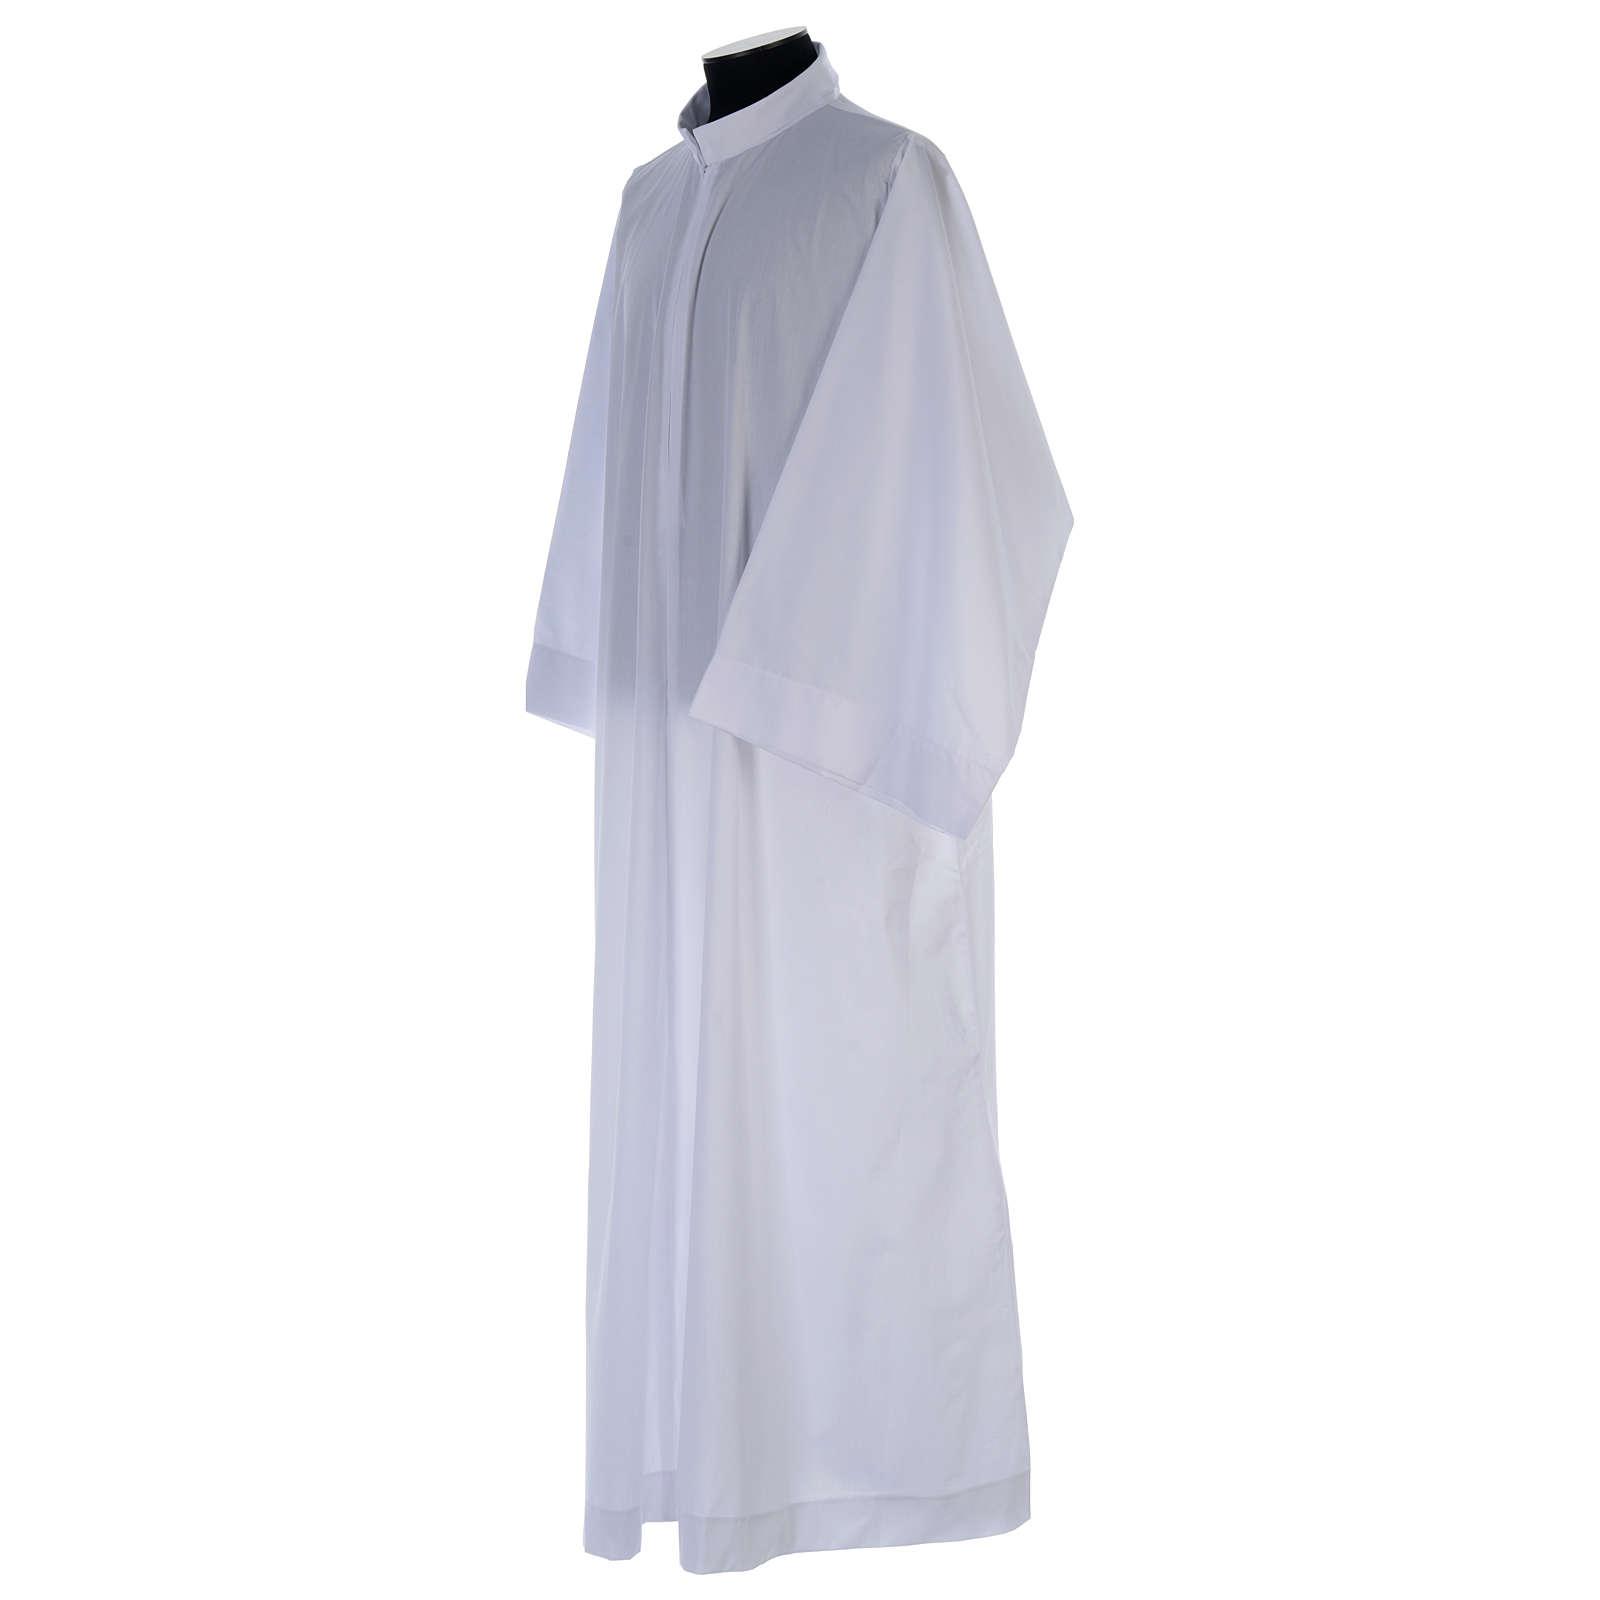 Alba blanca abocinada con cuello solapa algodón mixto 4